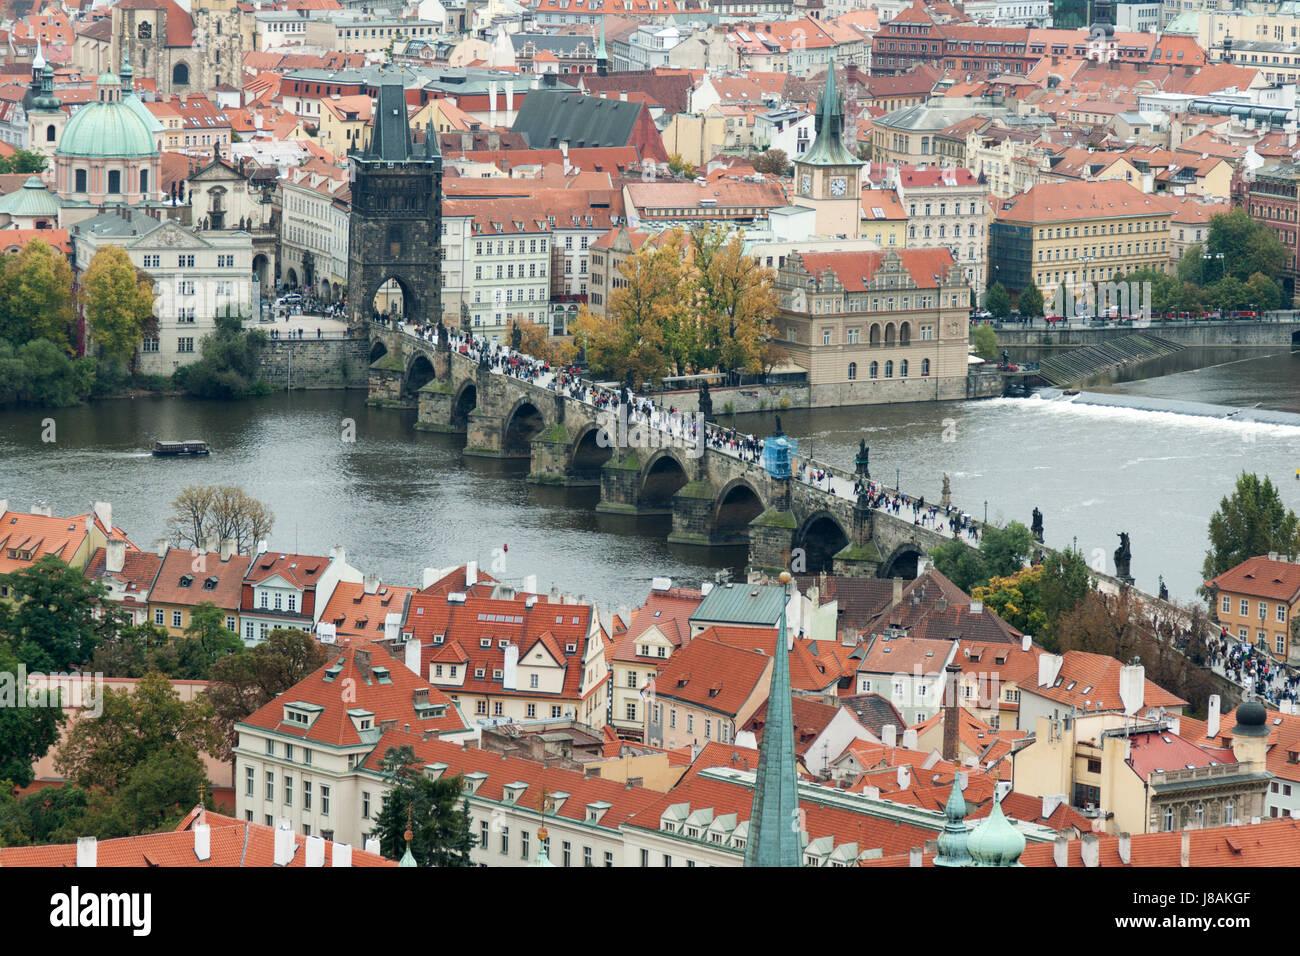 bridge, prague, republic, medieval, scene, location, site